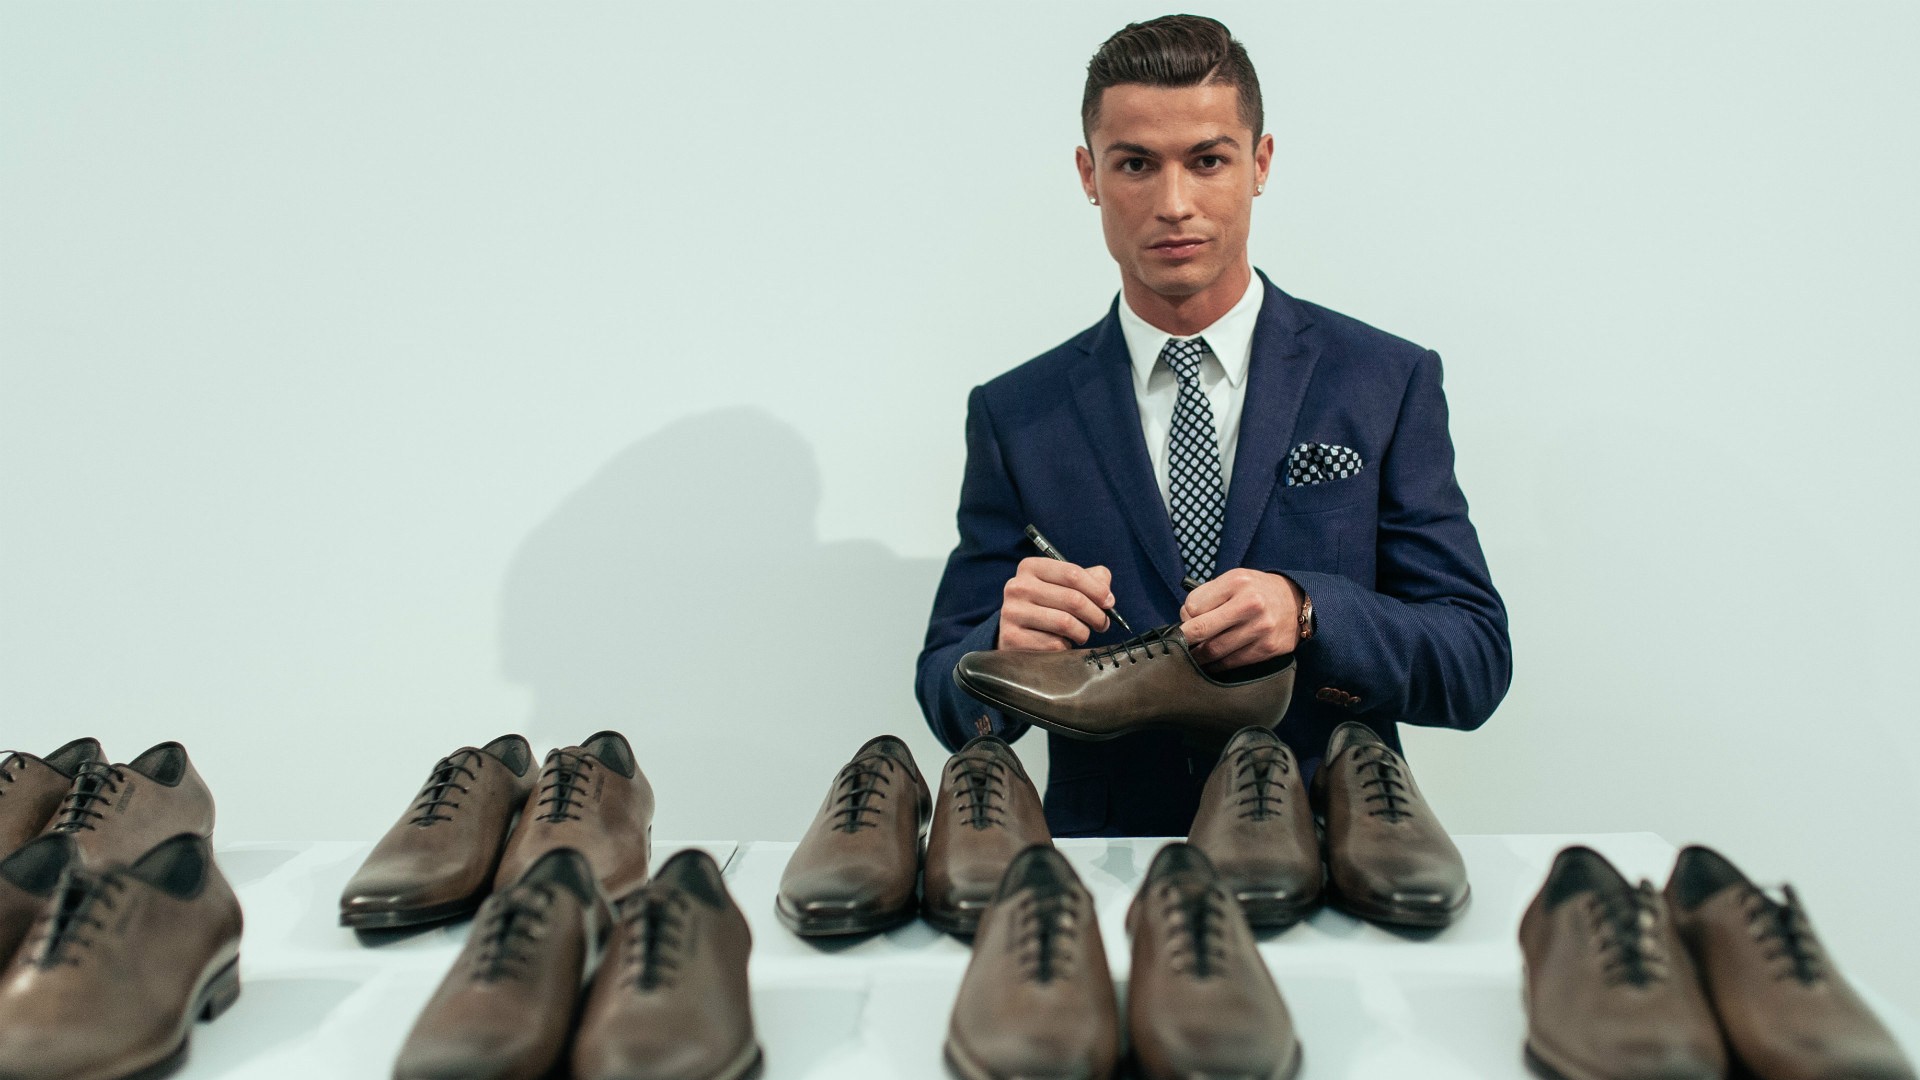 nike shoes neymar and ronaldo cristiano salary wizard salary 922